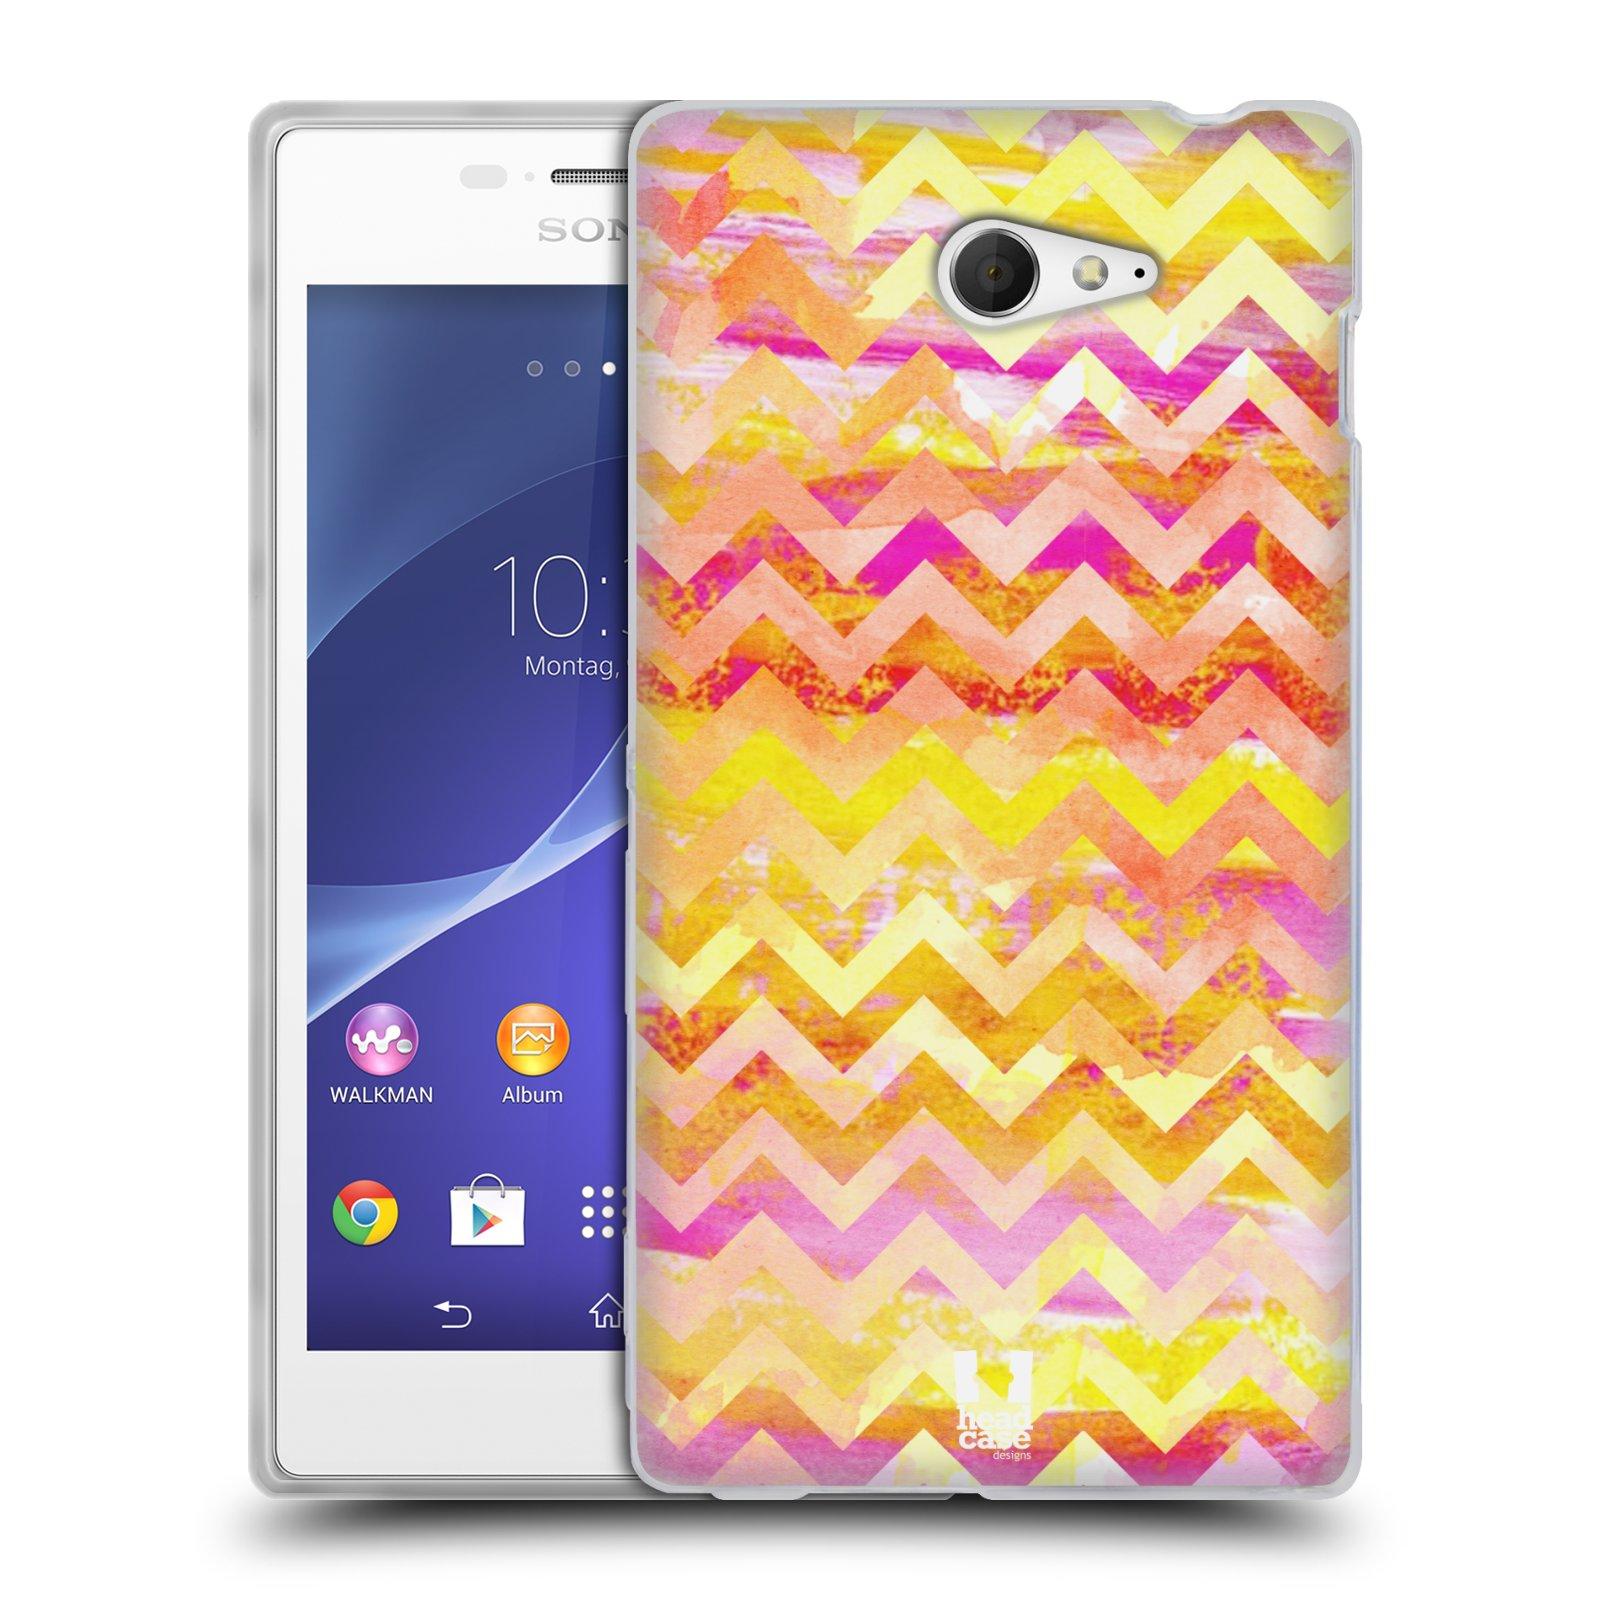 Silikonové pouzdro na mobil Sony Xperia M2 D2303 HEAD CASE Yellow Chevron (Silikonový Kryt či obal na mobilní telefon Sony Xperia M2)